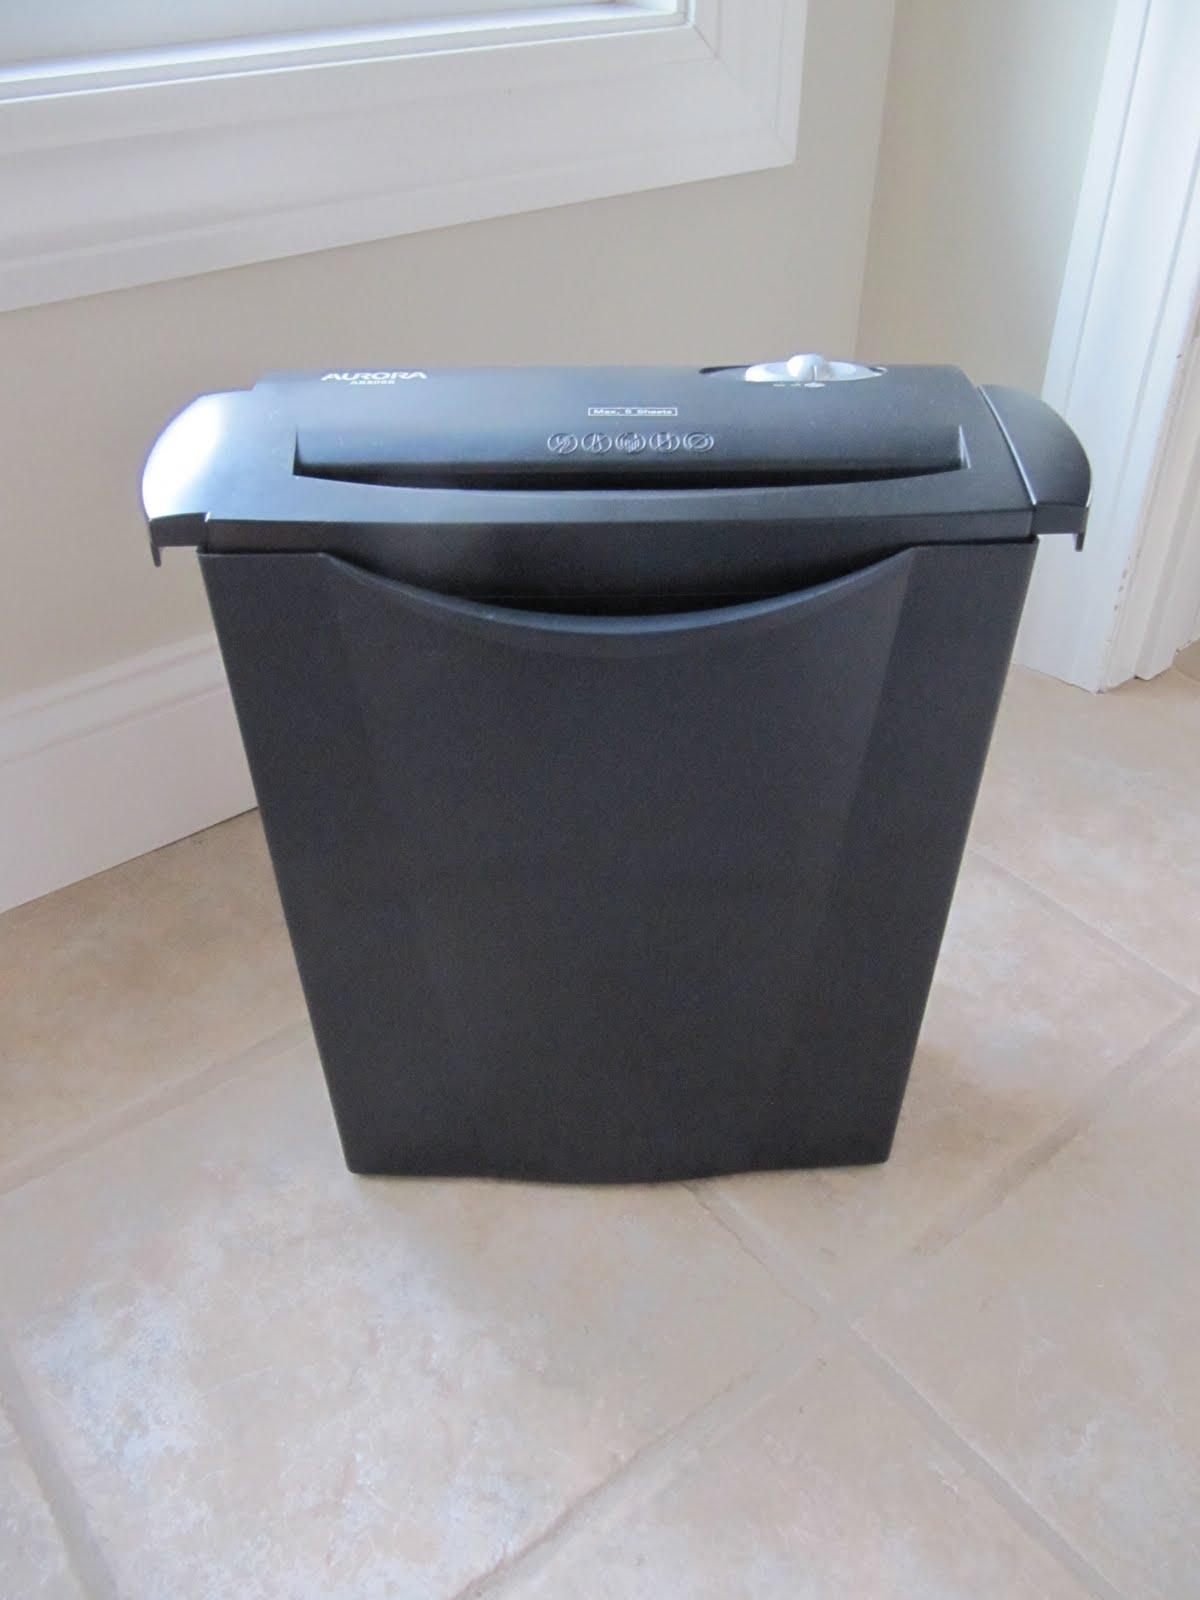 http://4.bp.blogspot.com/-20-DnYmRXbQ/TbAv-dgPd9I/AAAAAAAAJCg/3ZeTCDClLAw/s1600/paper+shredder+001.jpg